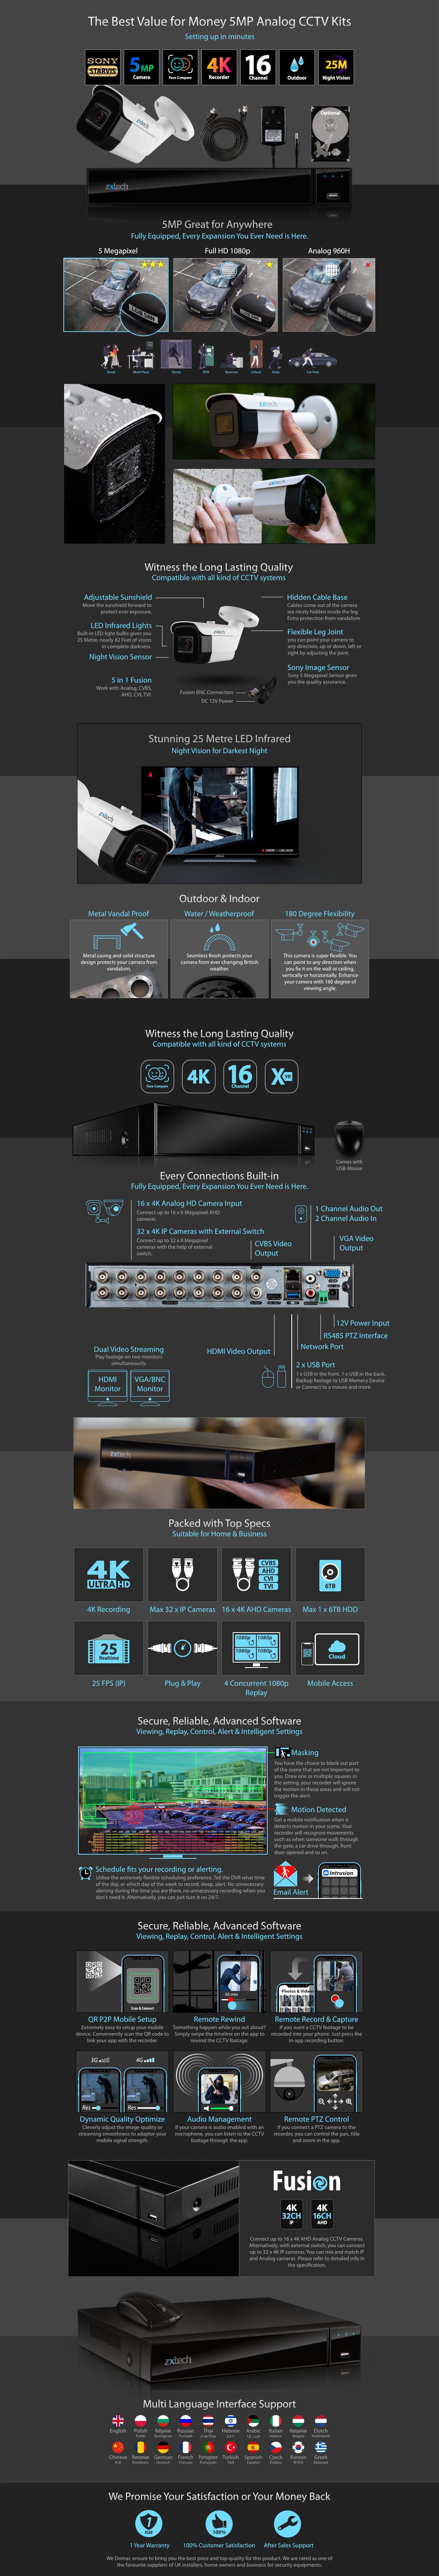 5MP AHD CCTV System Complete DVR HD Analog Camera | AF5B8Y